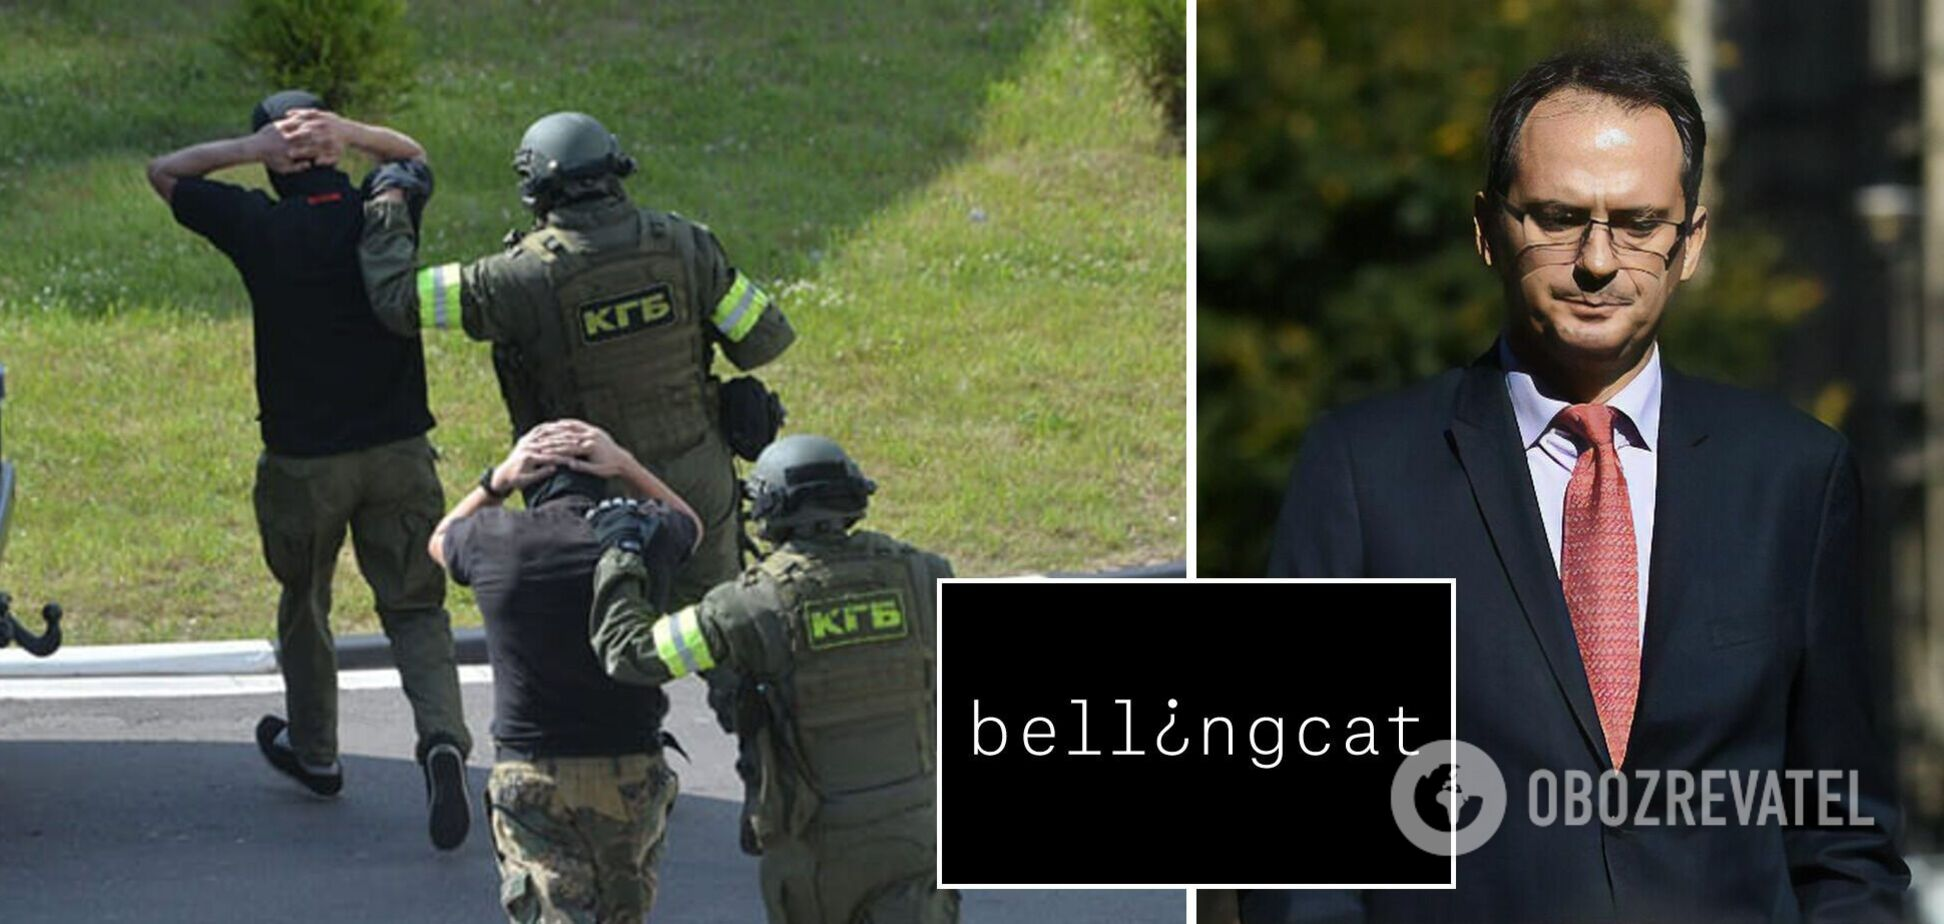 В Bellingcat рассказали, когда выйдет расследование о 'вагнеровцах'